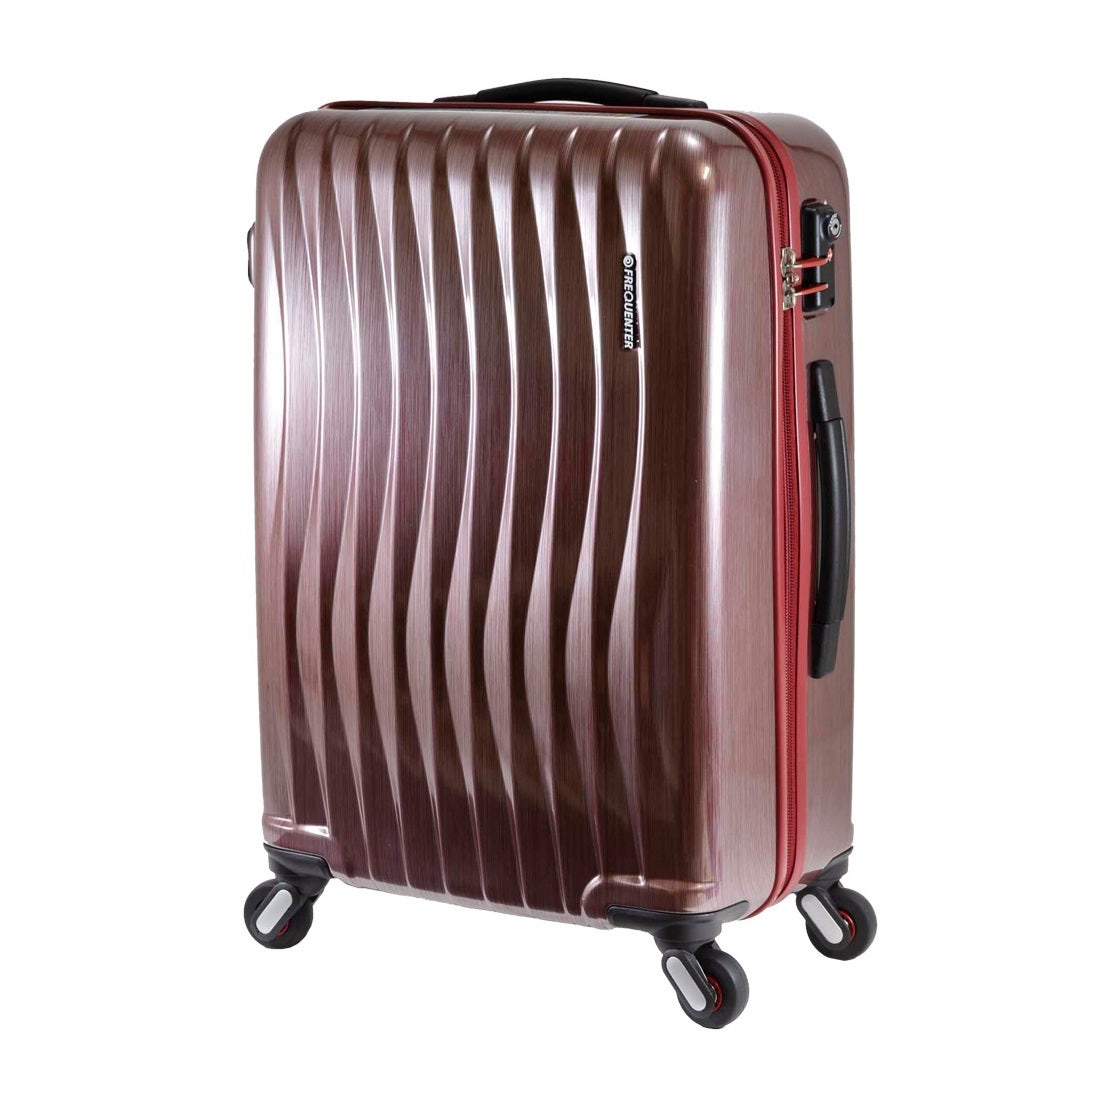 【SAC'S BAR】FREQUENTER フリクエンター WAVE スーツケース 1-622-47 47cm ヘアラインレッド メンズ